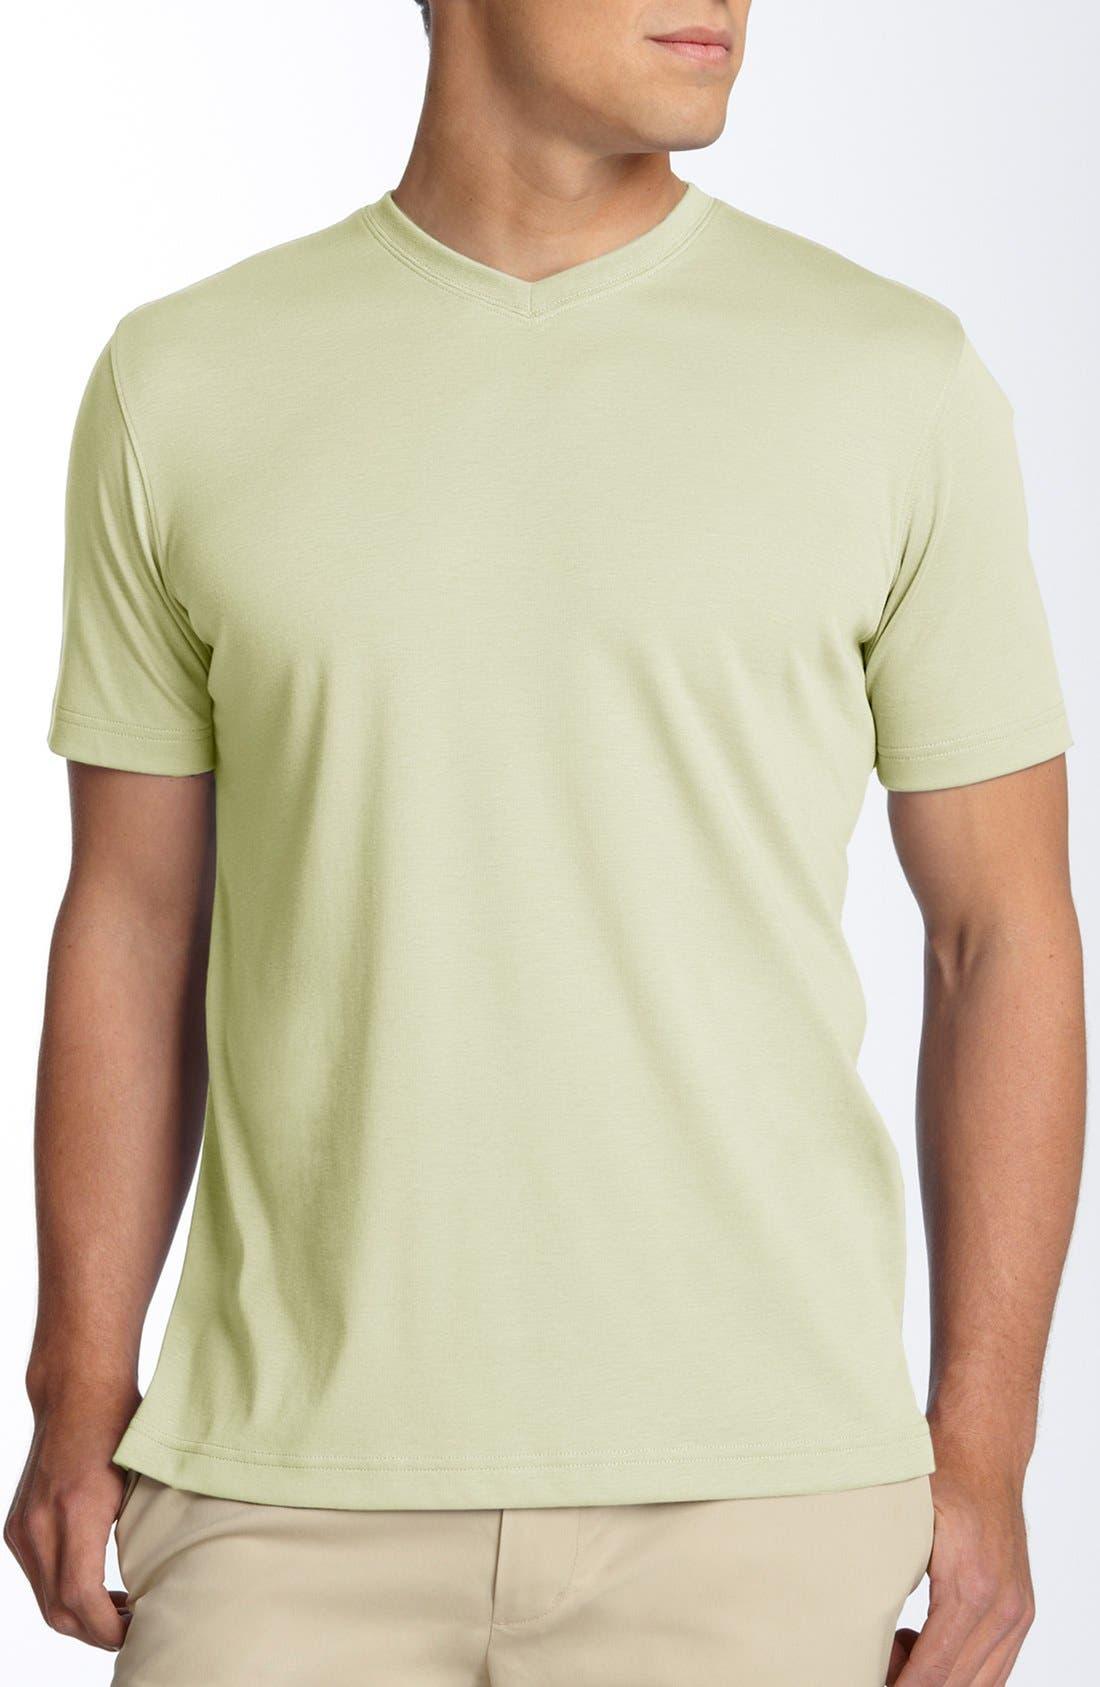 Alternate Image 1 Selected - Robert Barakett 'Georgia' V-Neck T-Shirt